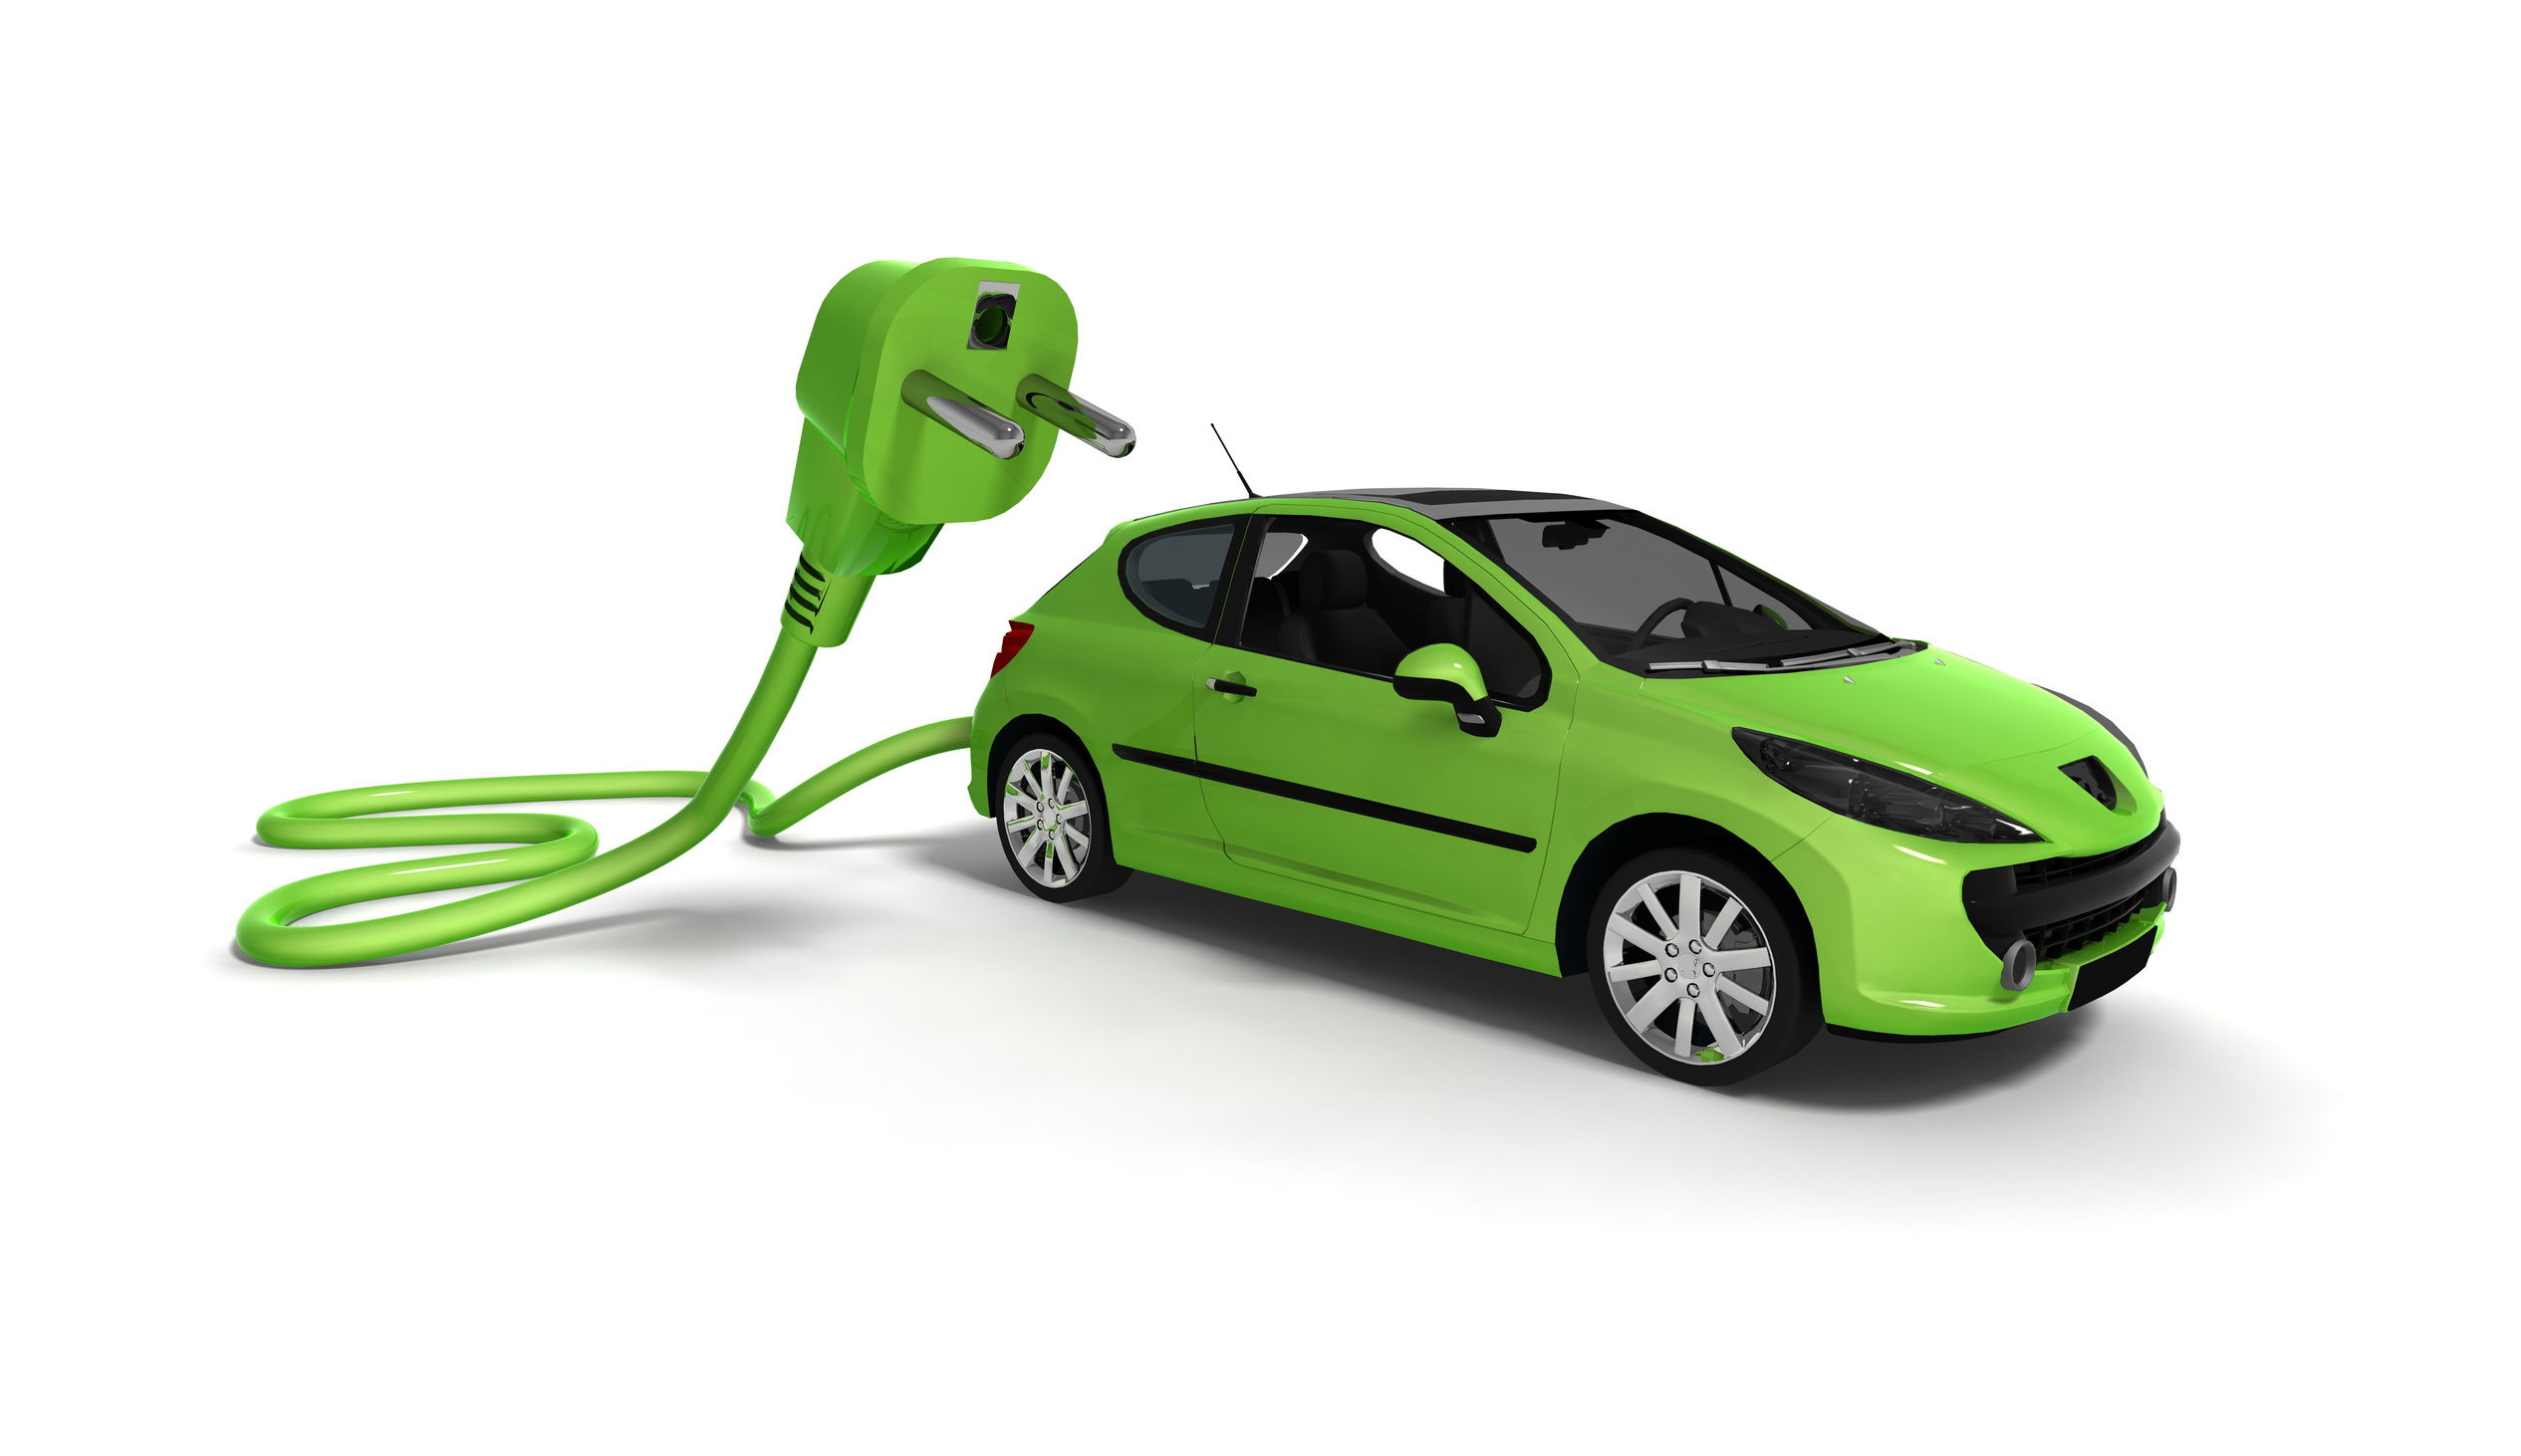 Покупатели электромобилей получат 5000 евро